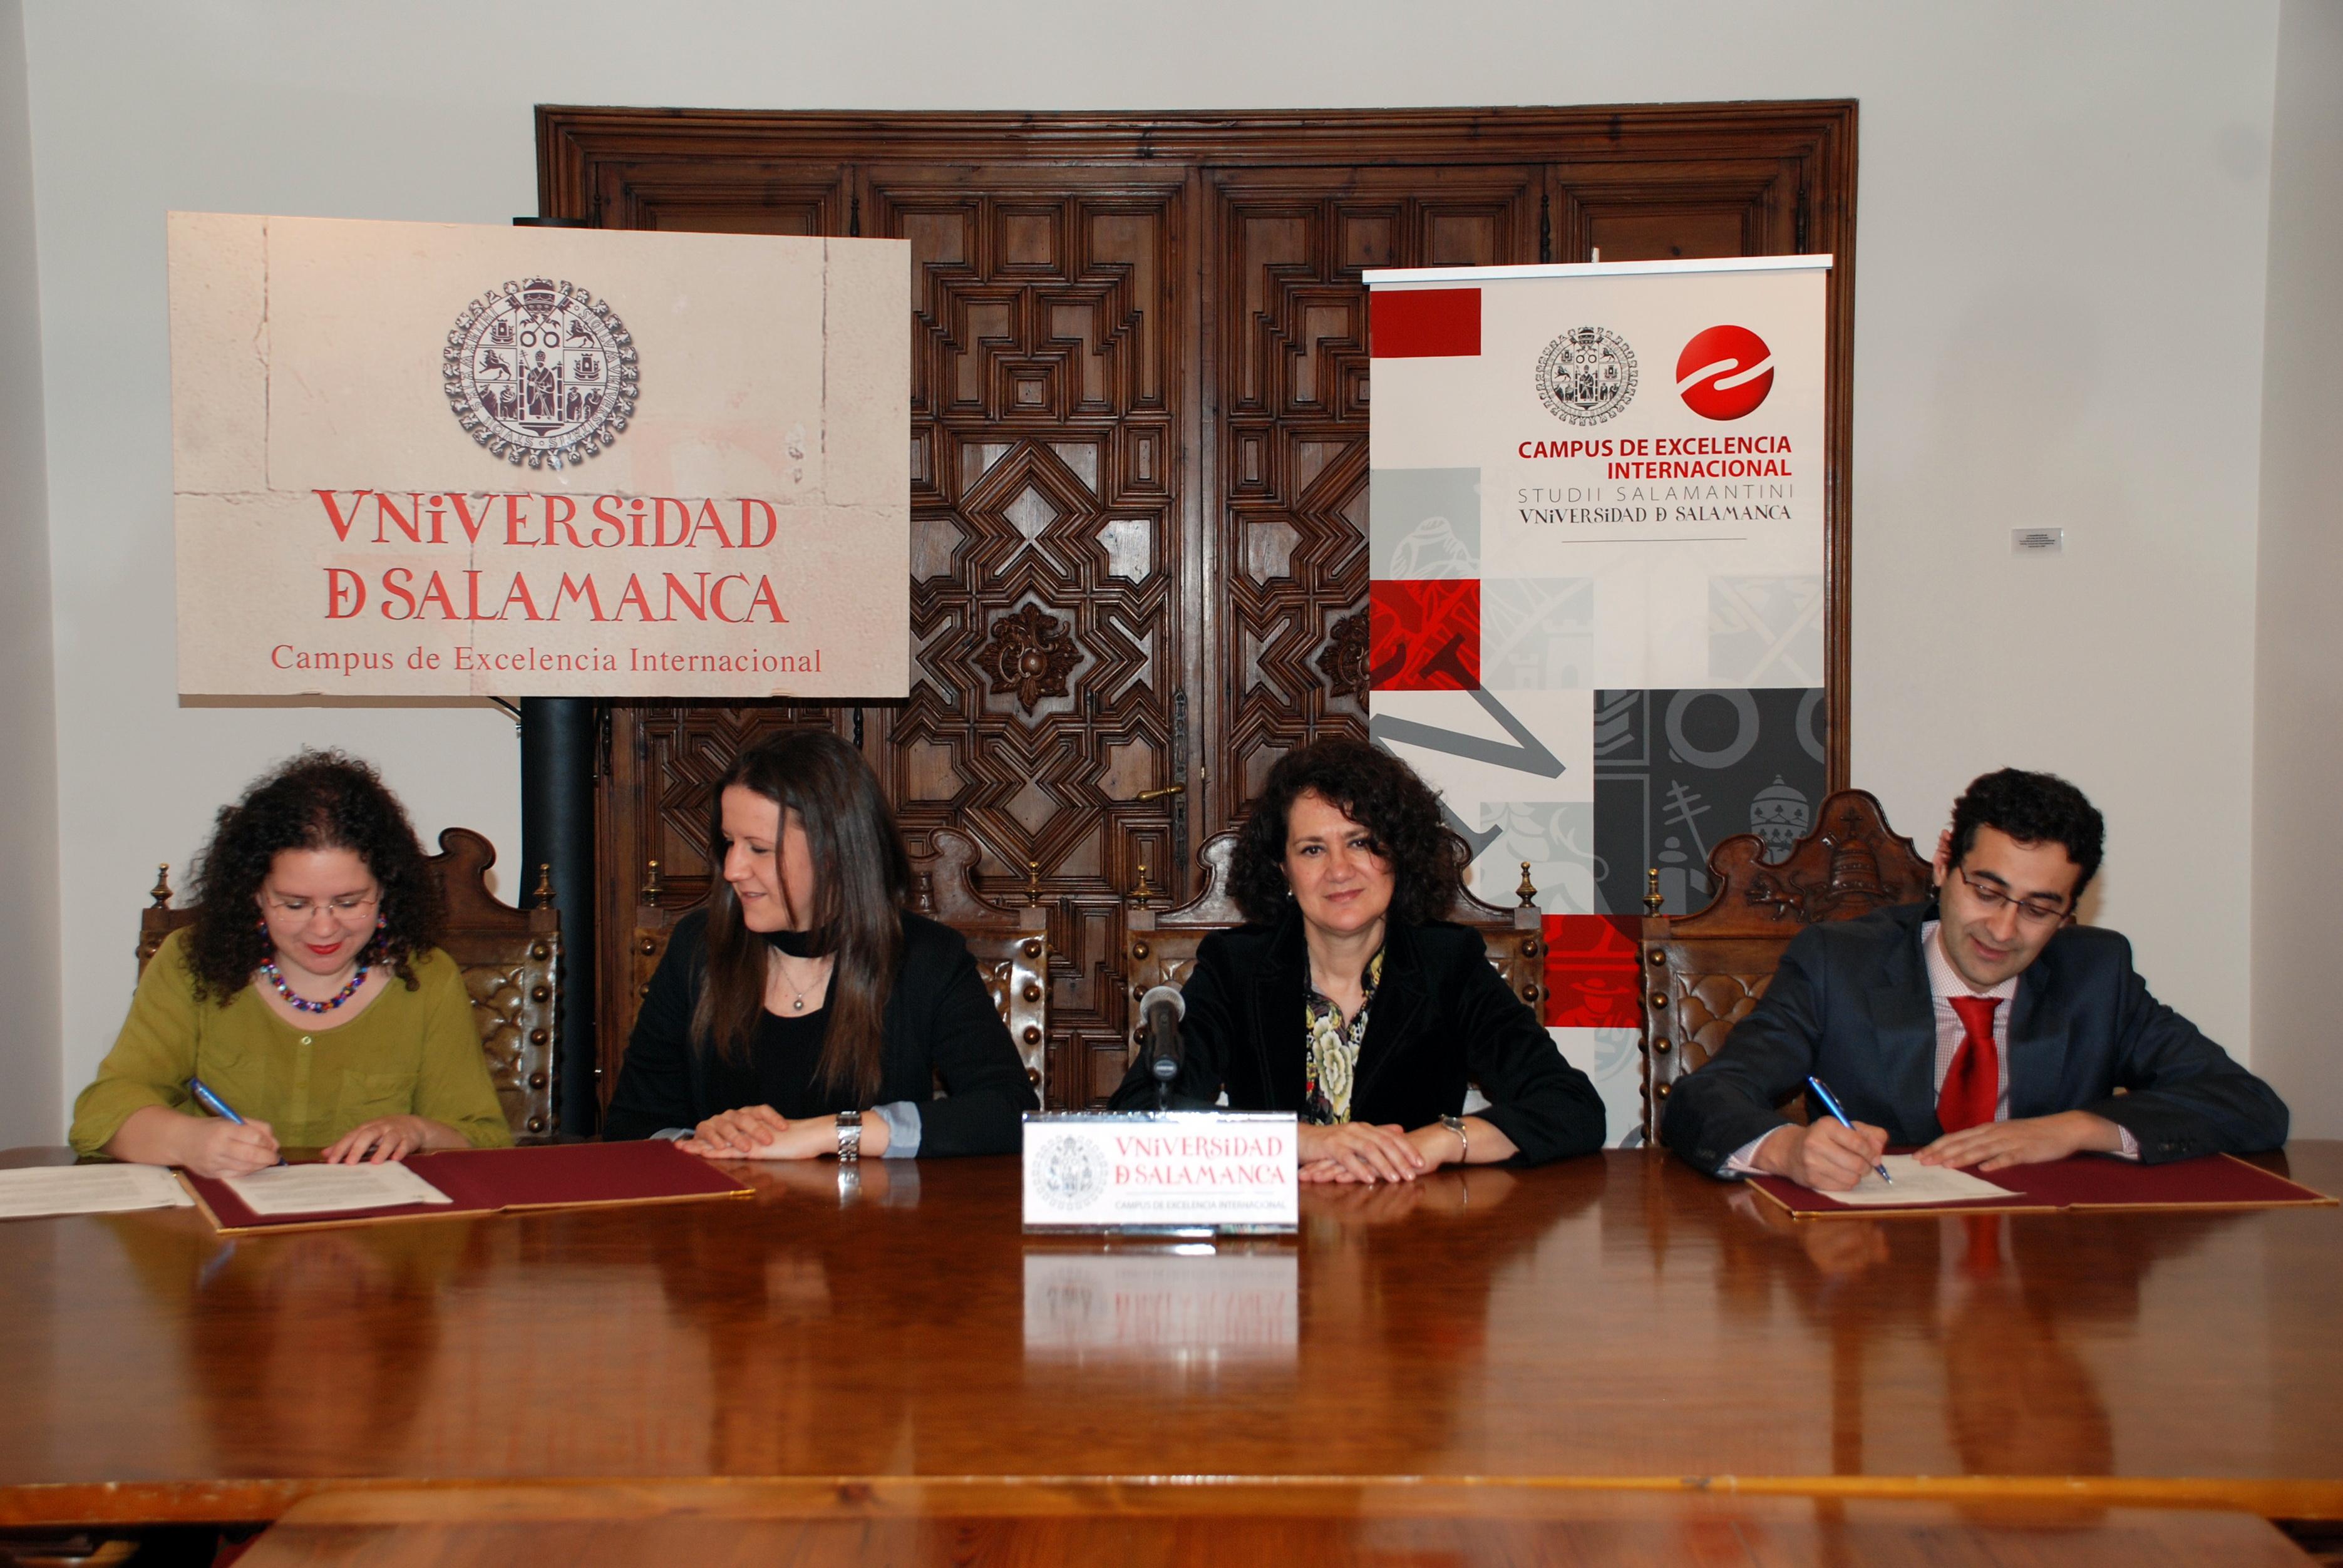 La empresa Noesis se adhiere al Parque Científico de la Universidad de Salamanca e inaugura el espacio Coworking PCUSAL